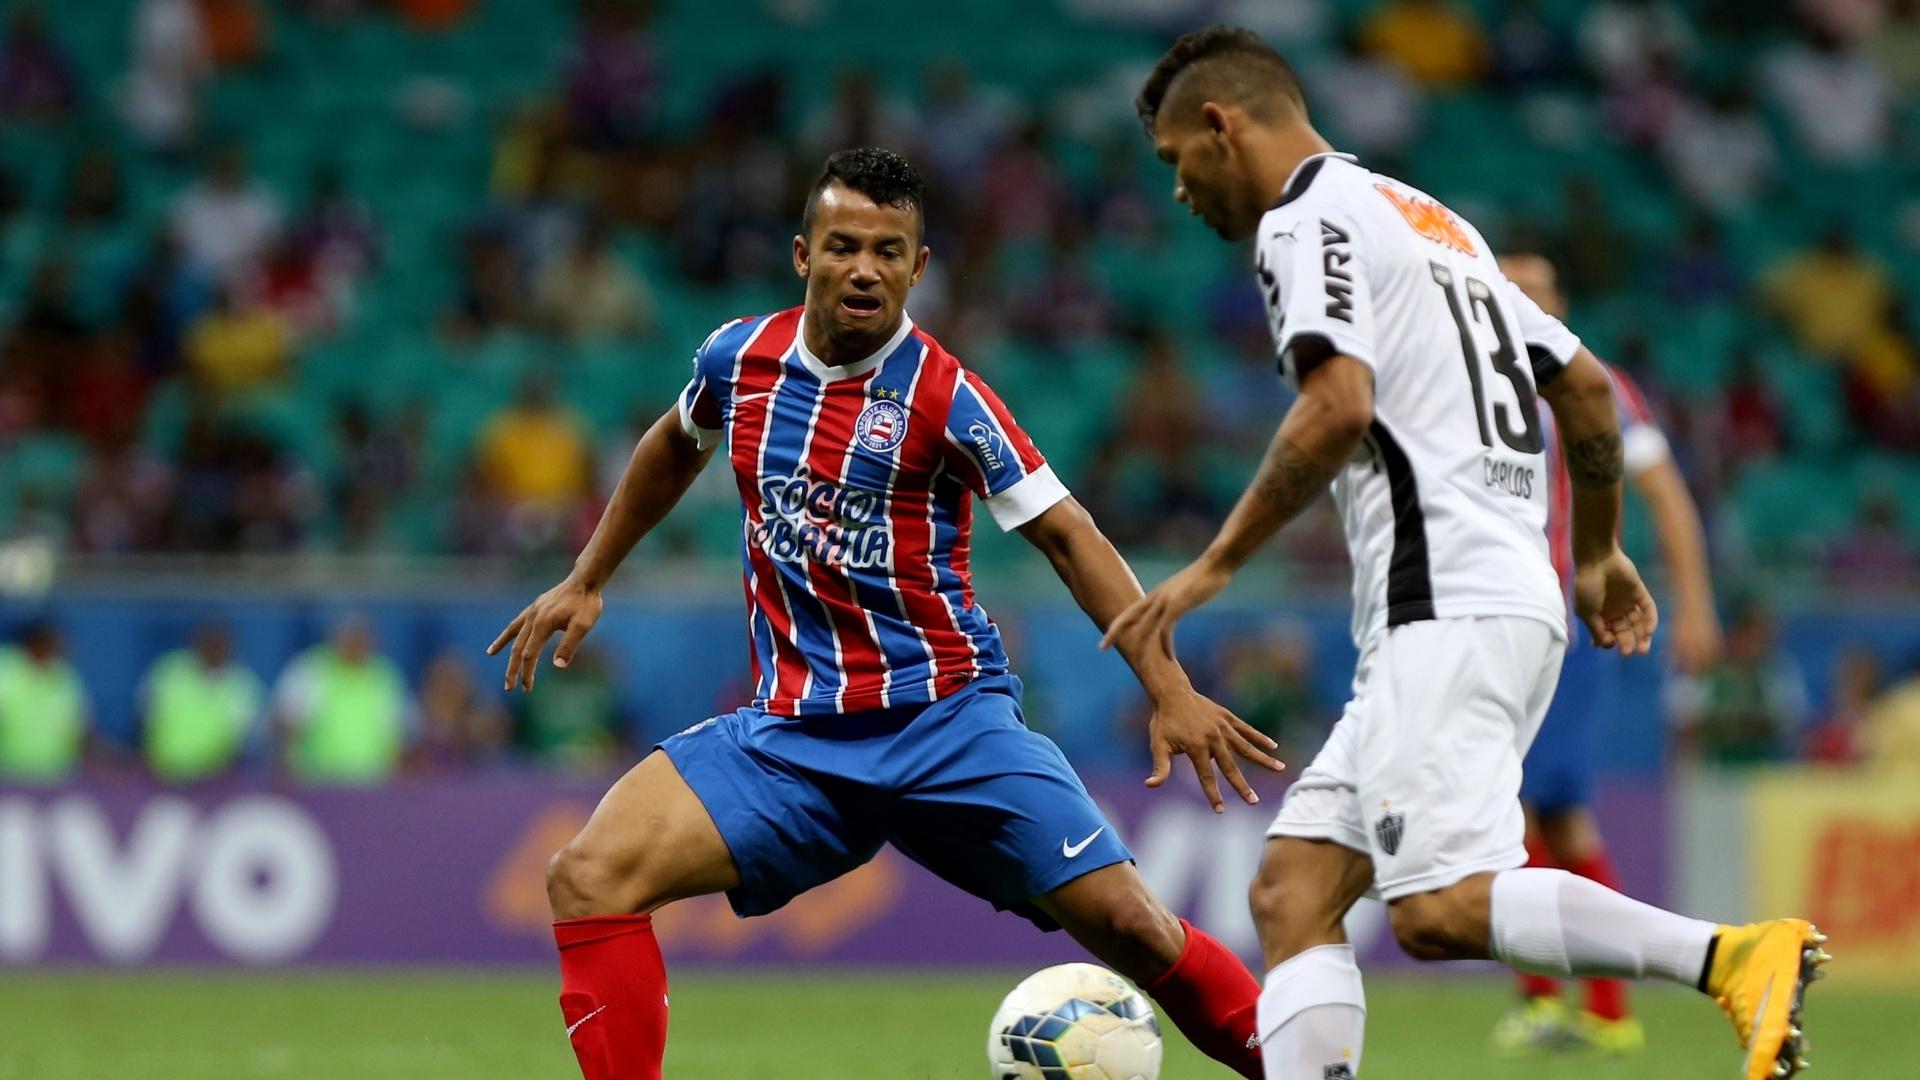 Carlos encara a marcação do Bahia em jogo pelo Campeonato Brasileiro